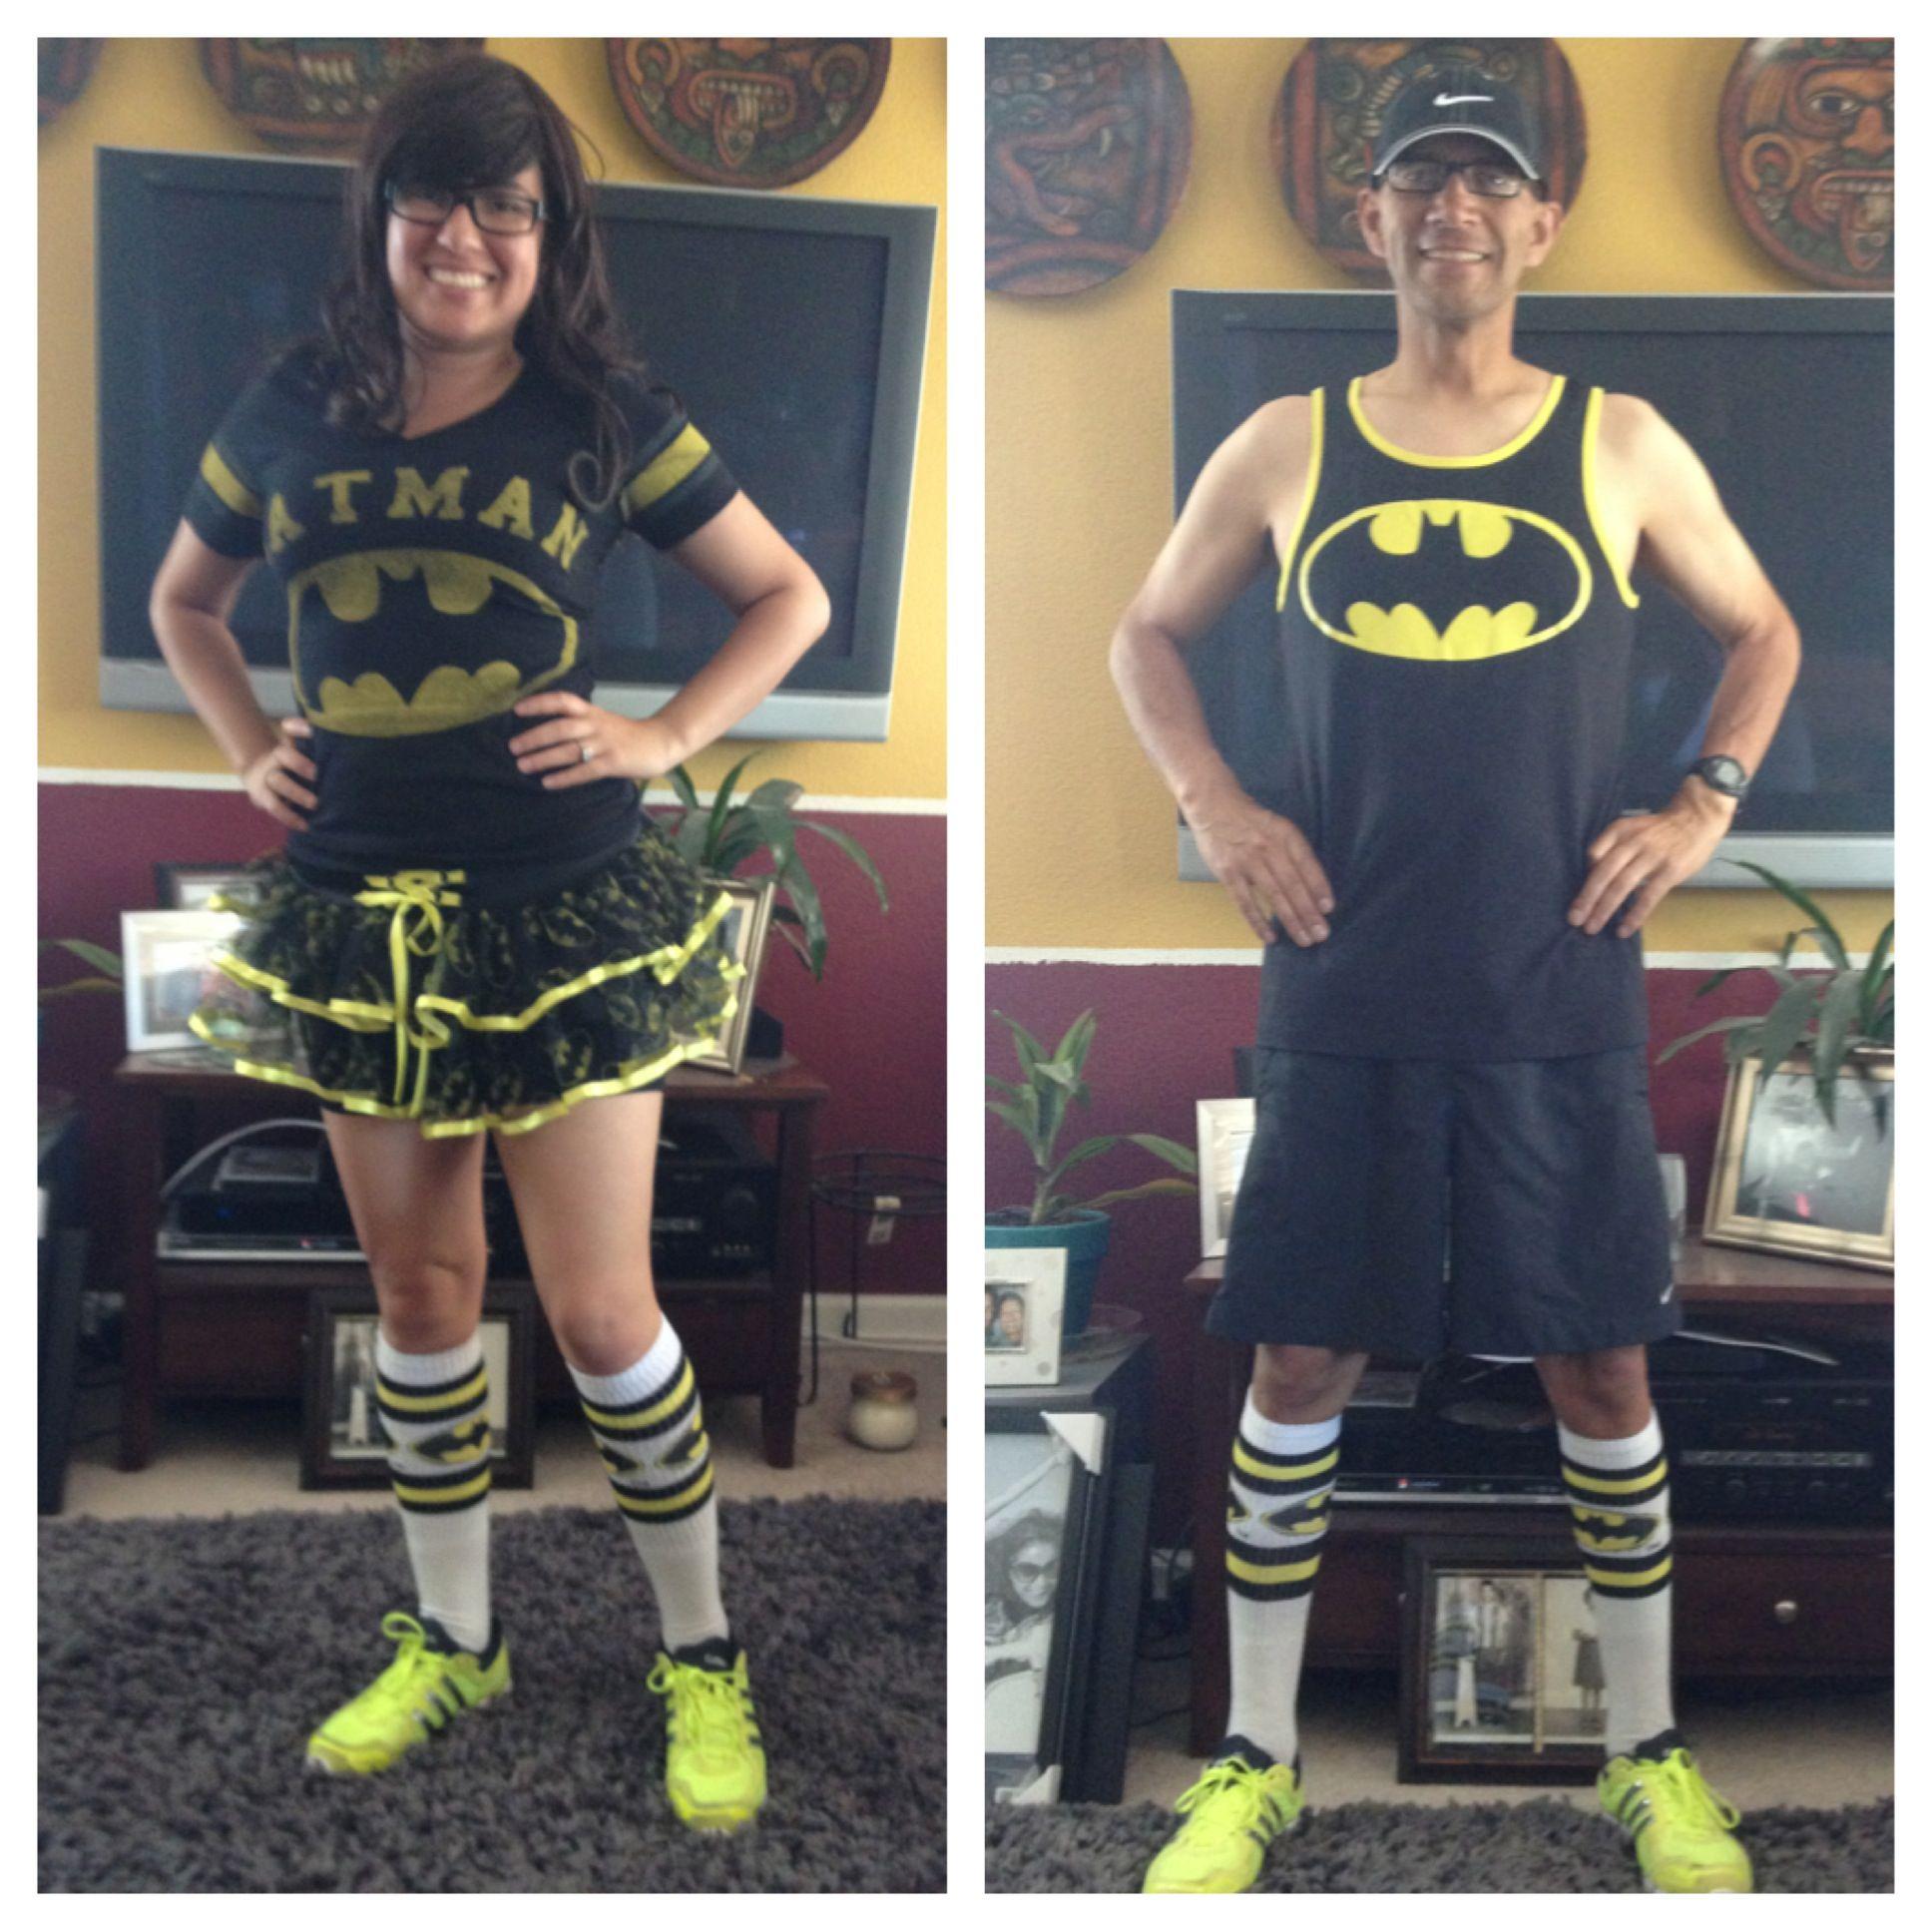 Batman running outfits